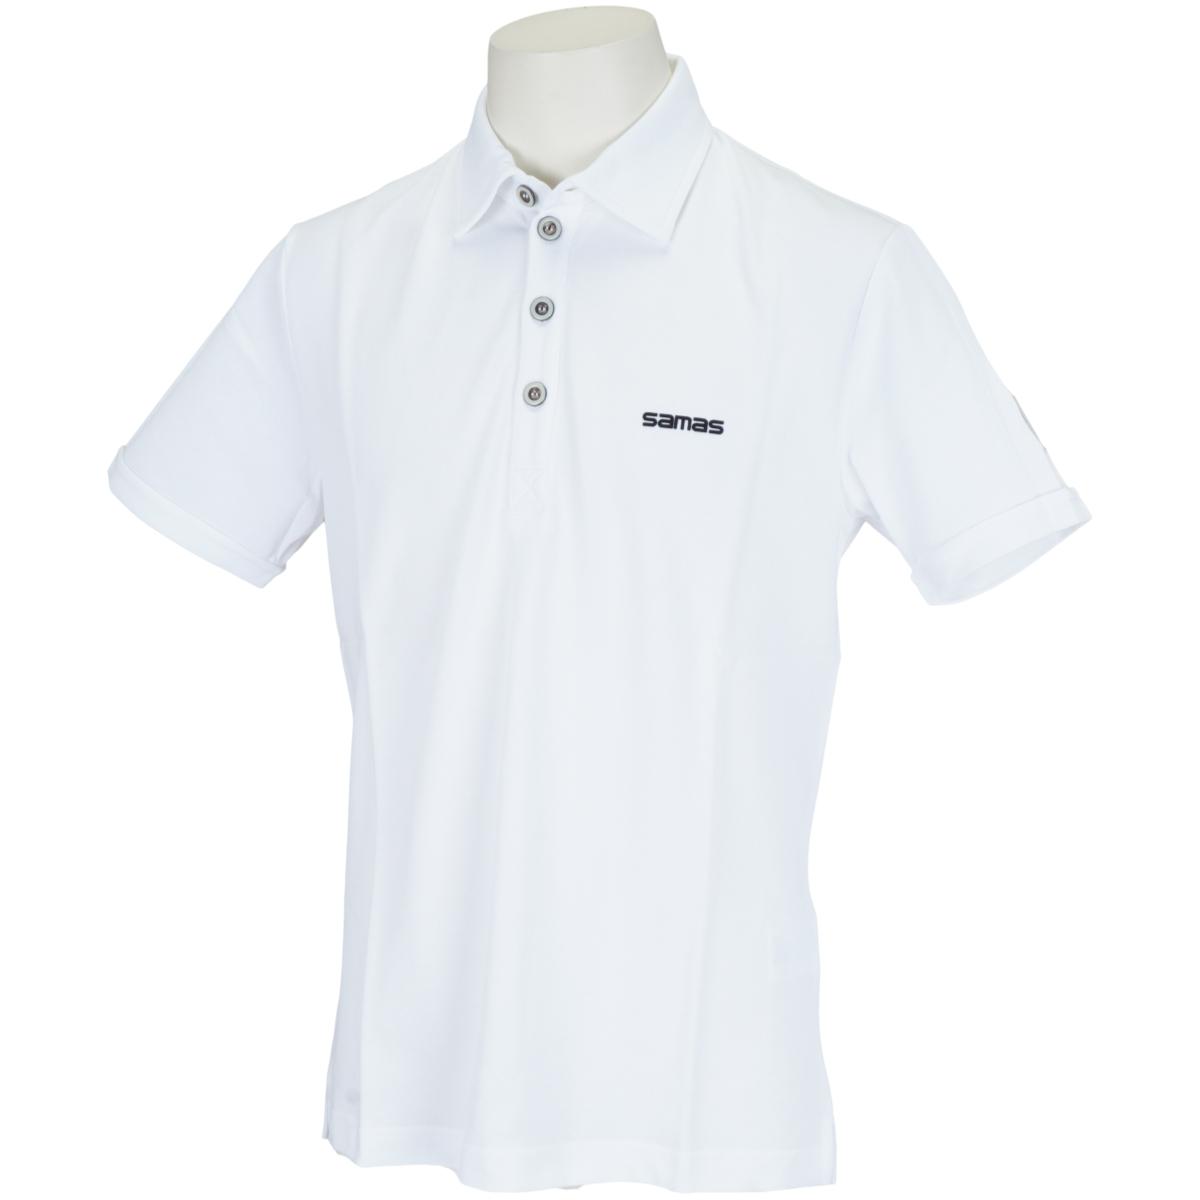 セミスプレッドカラー半袖ポロシャツ